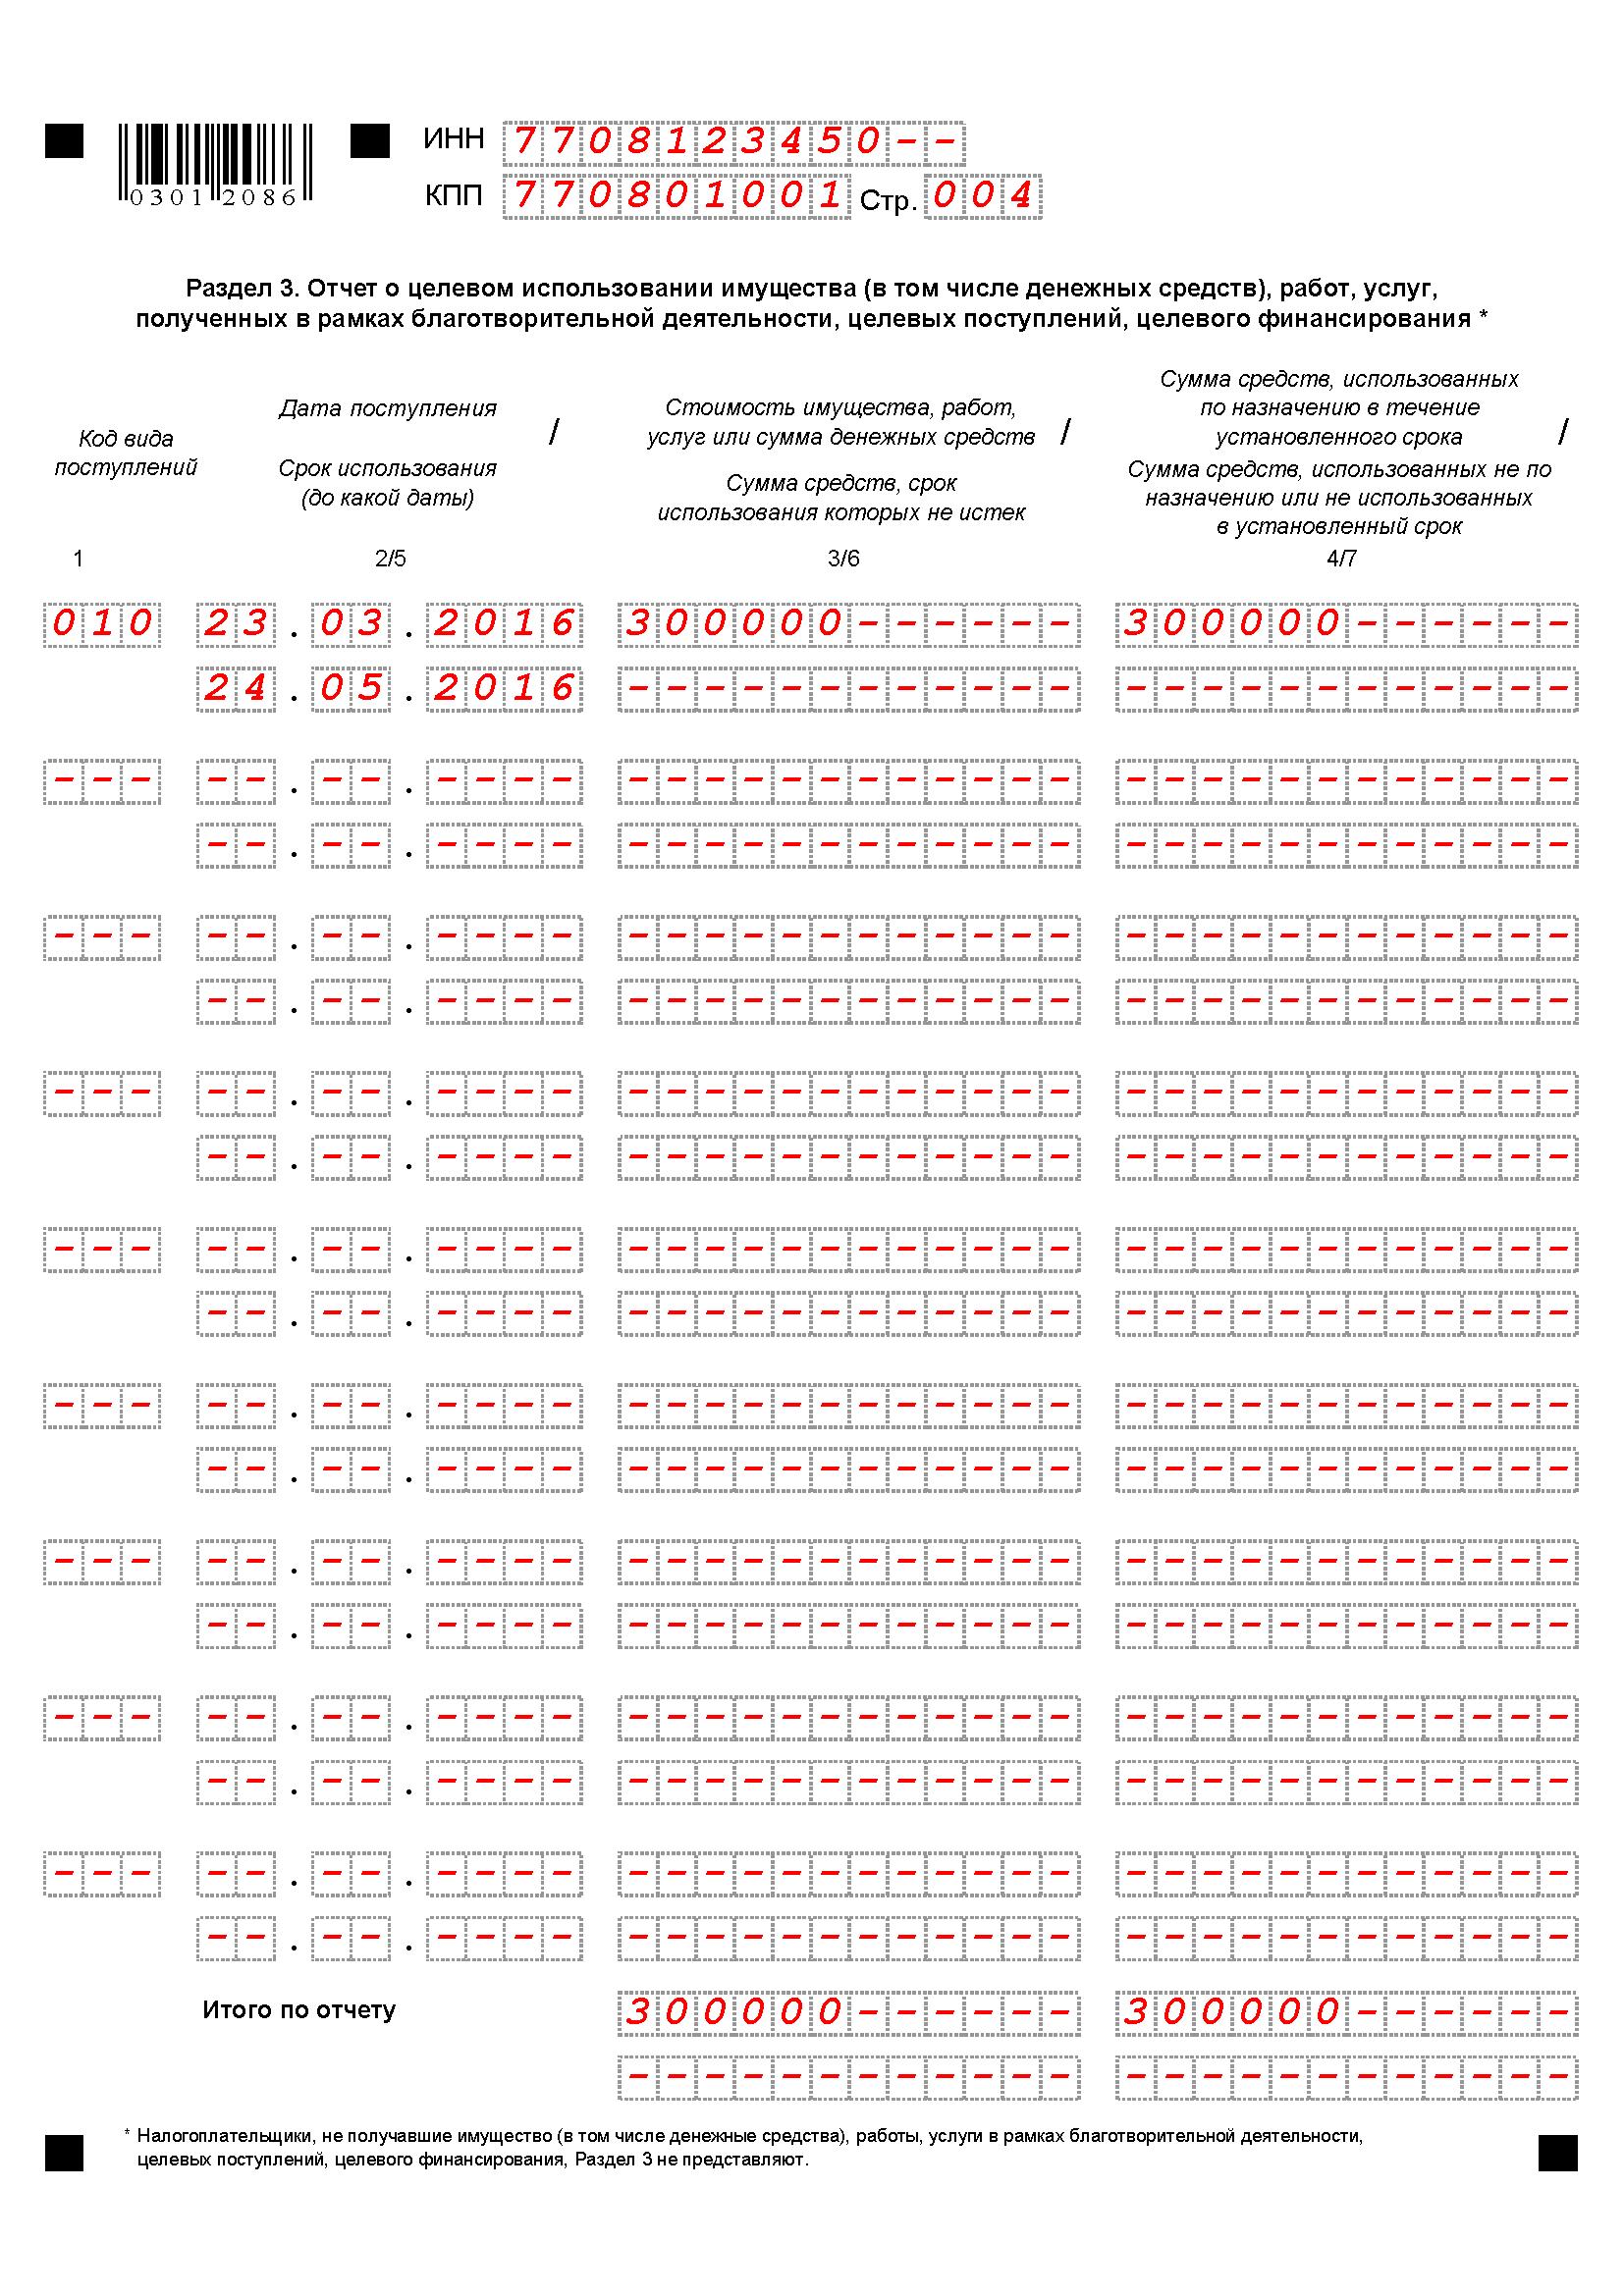 бланк налоговая декларация усн 2013 бланки с октмо